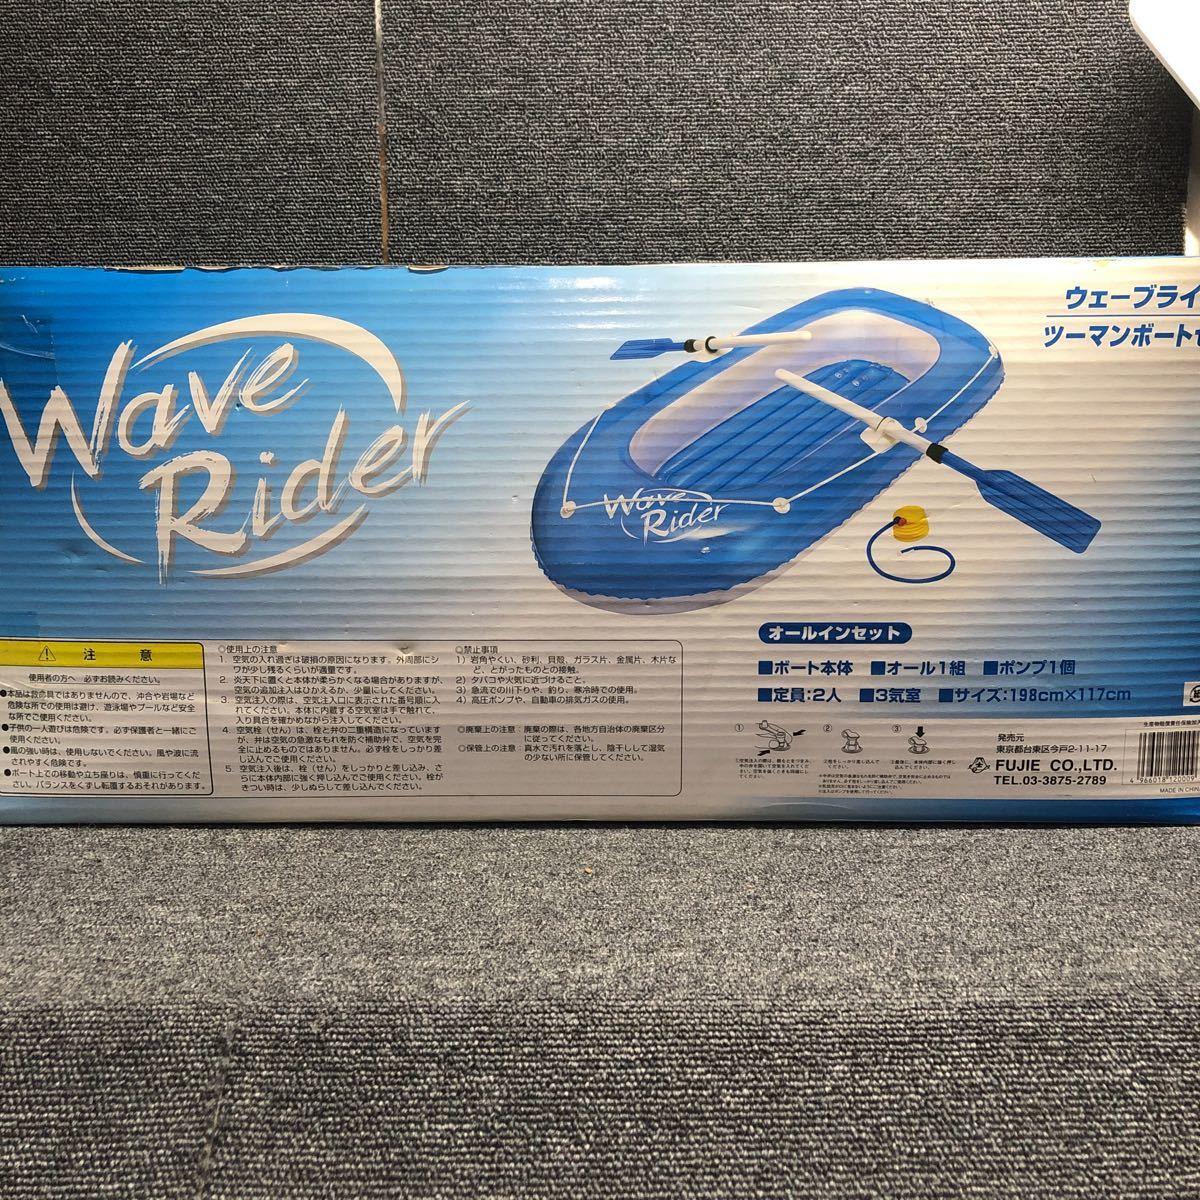 SW-006024 ウェーブライダー ツーマン ボート セット ゴムボート 水遊び プール 海 新品 未使用品_画像2